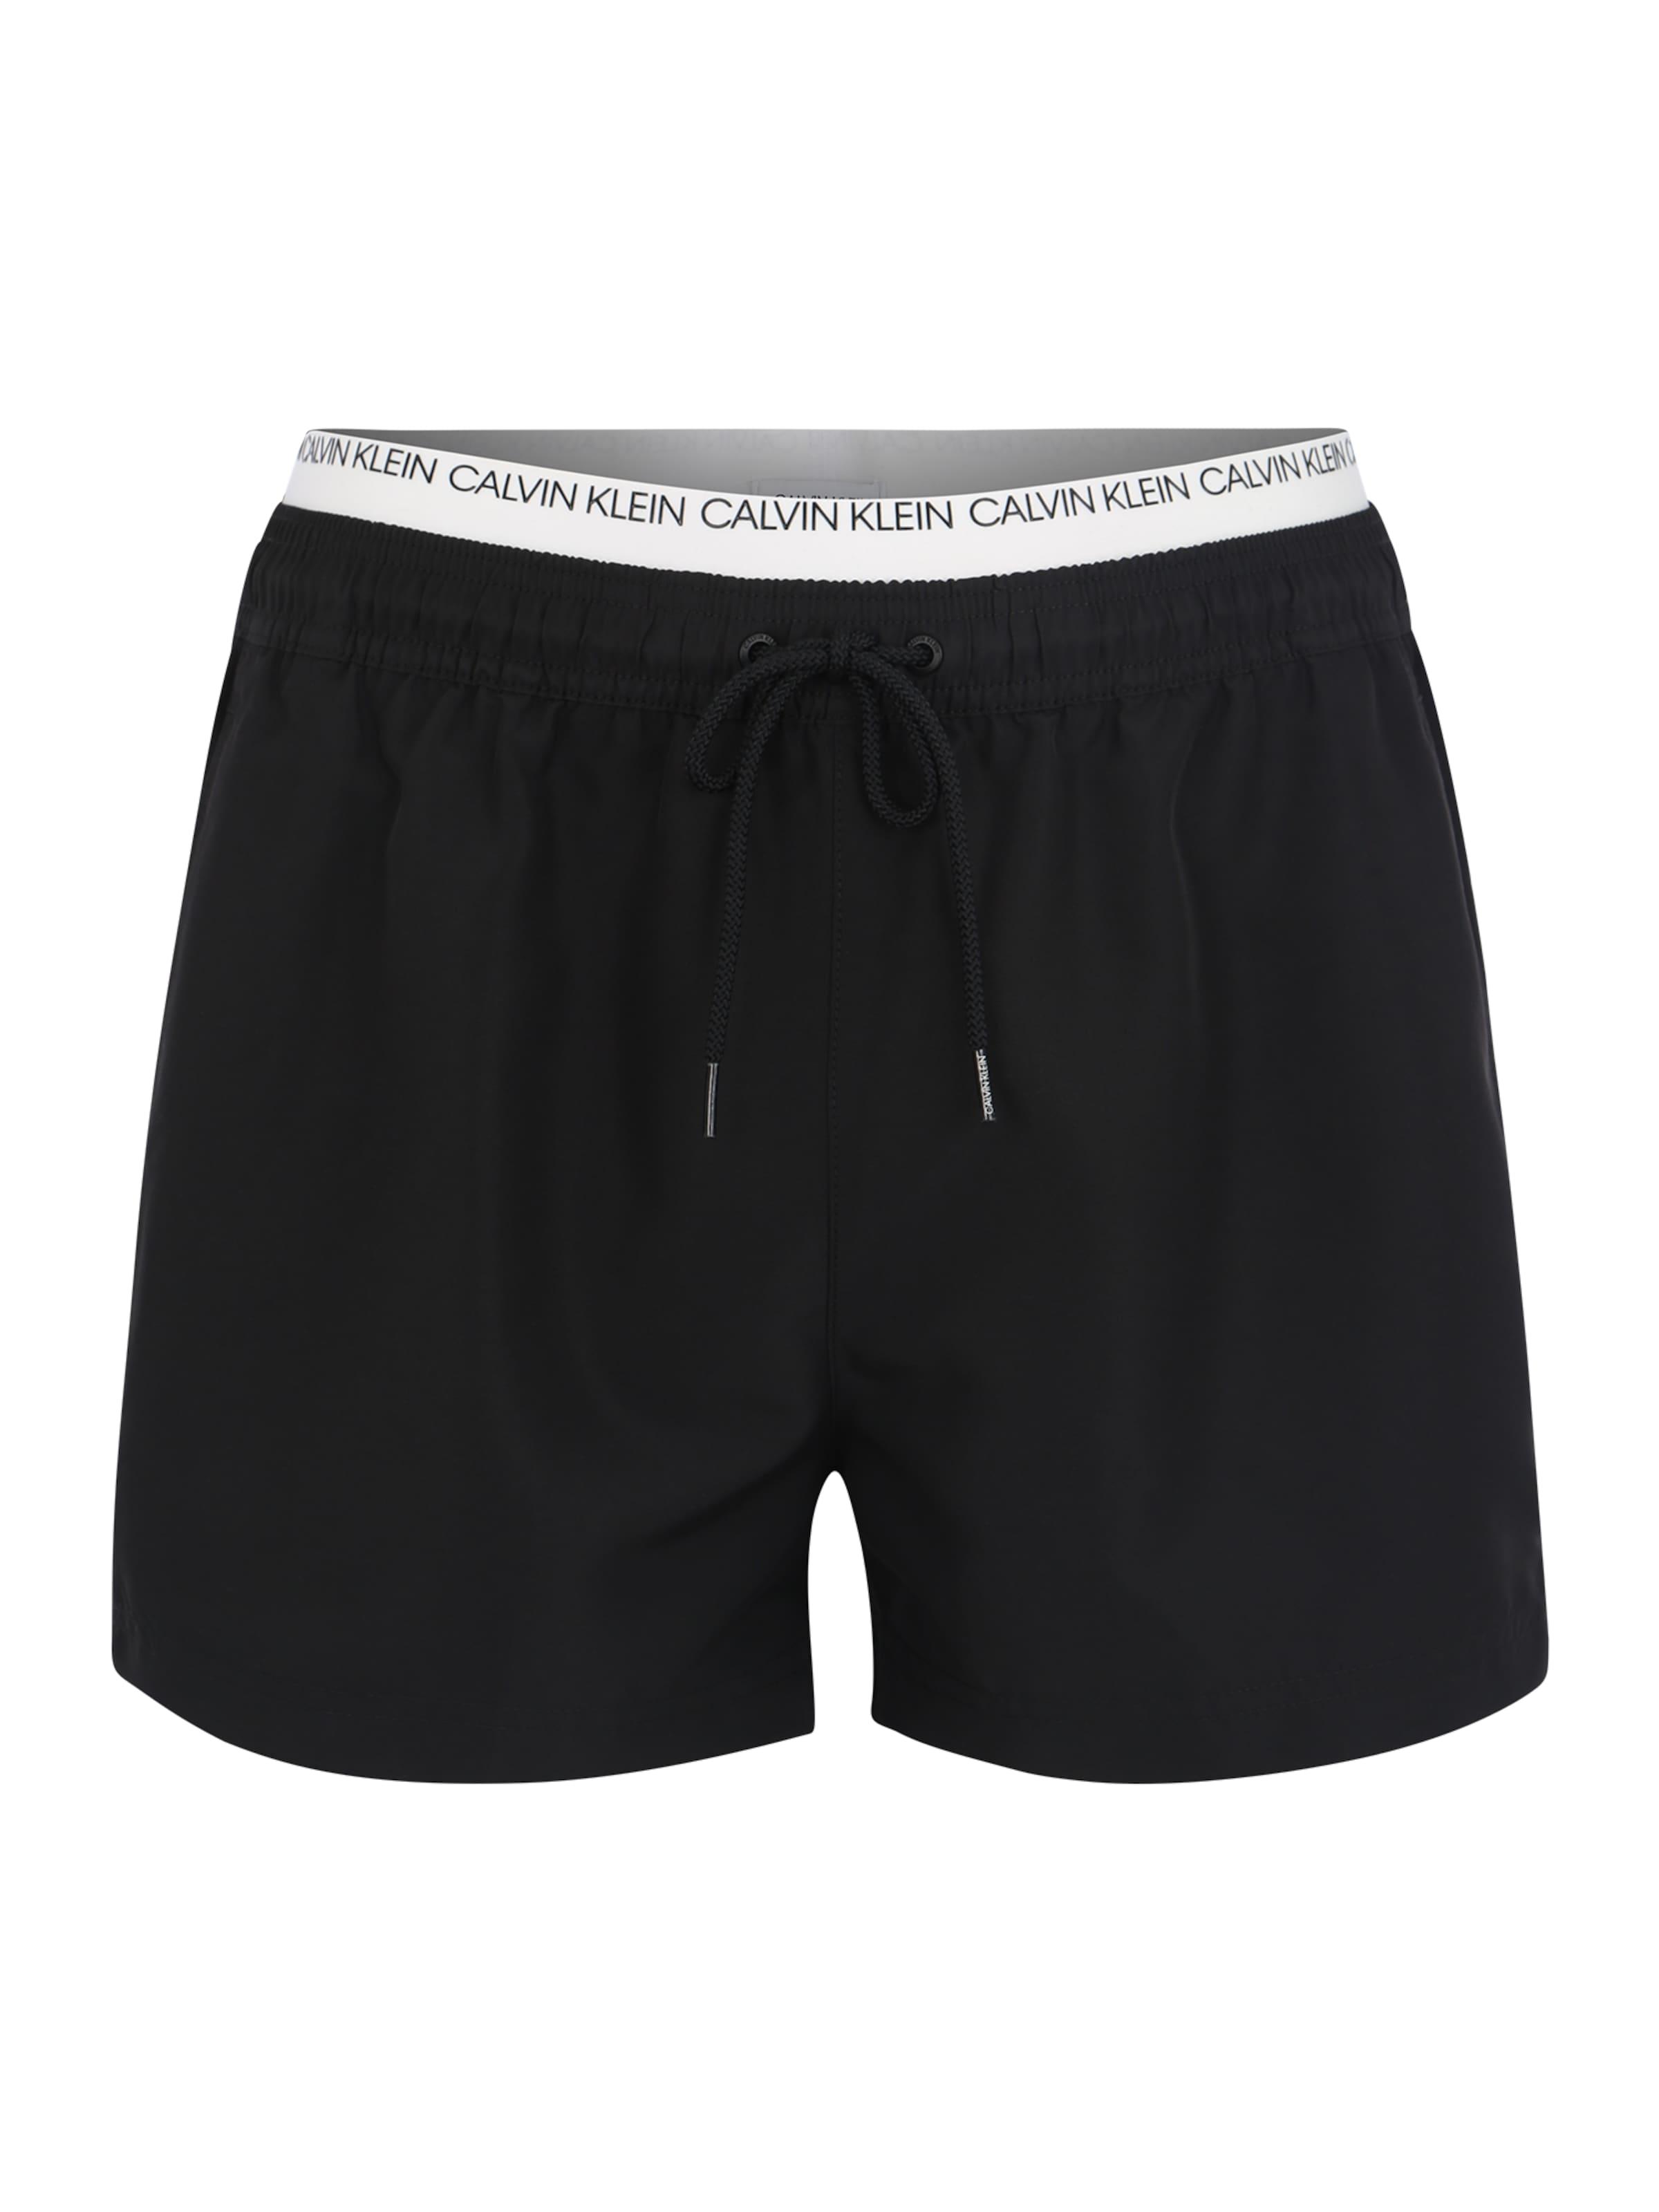 In 'double Schwarz Klein Swimwear Calvin Waistband' Badeshorts POkZXui